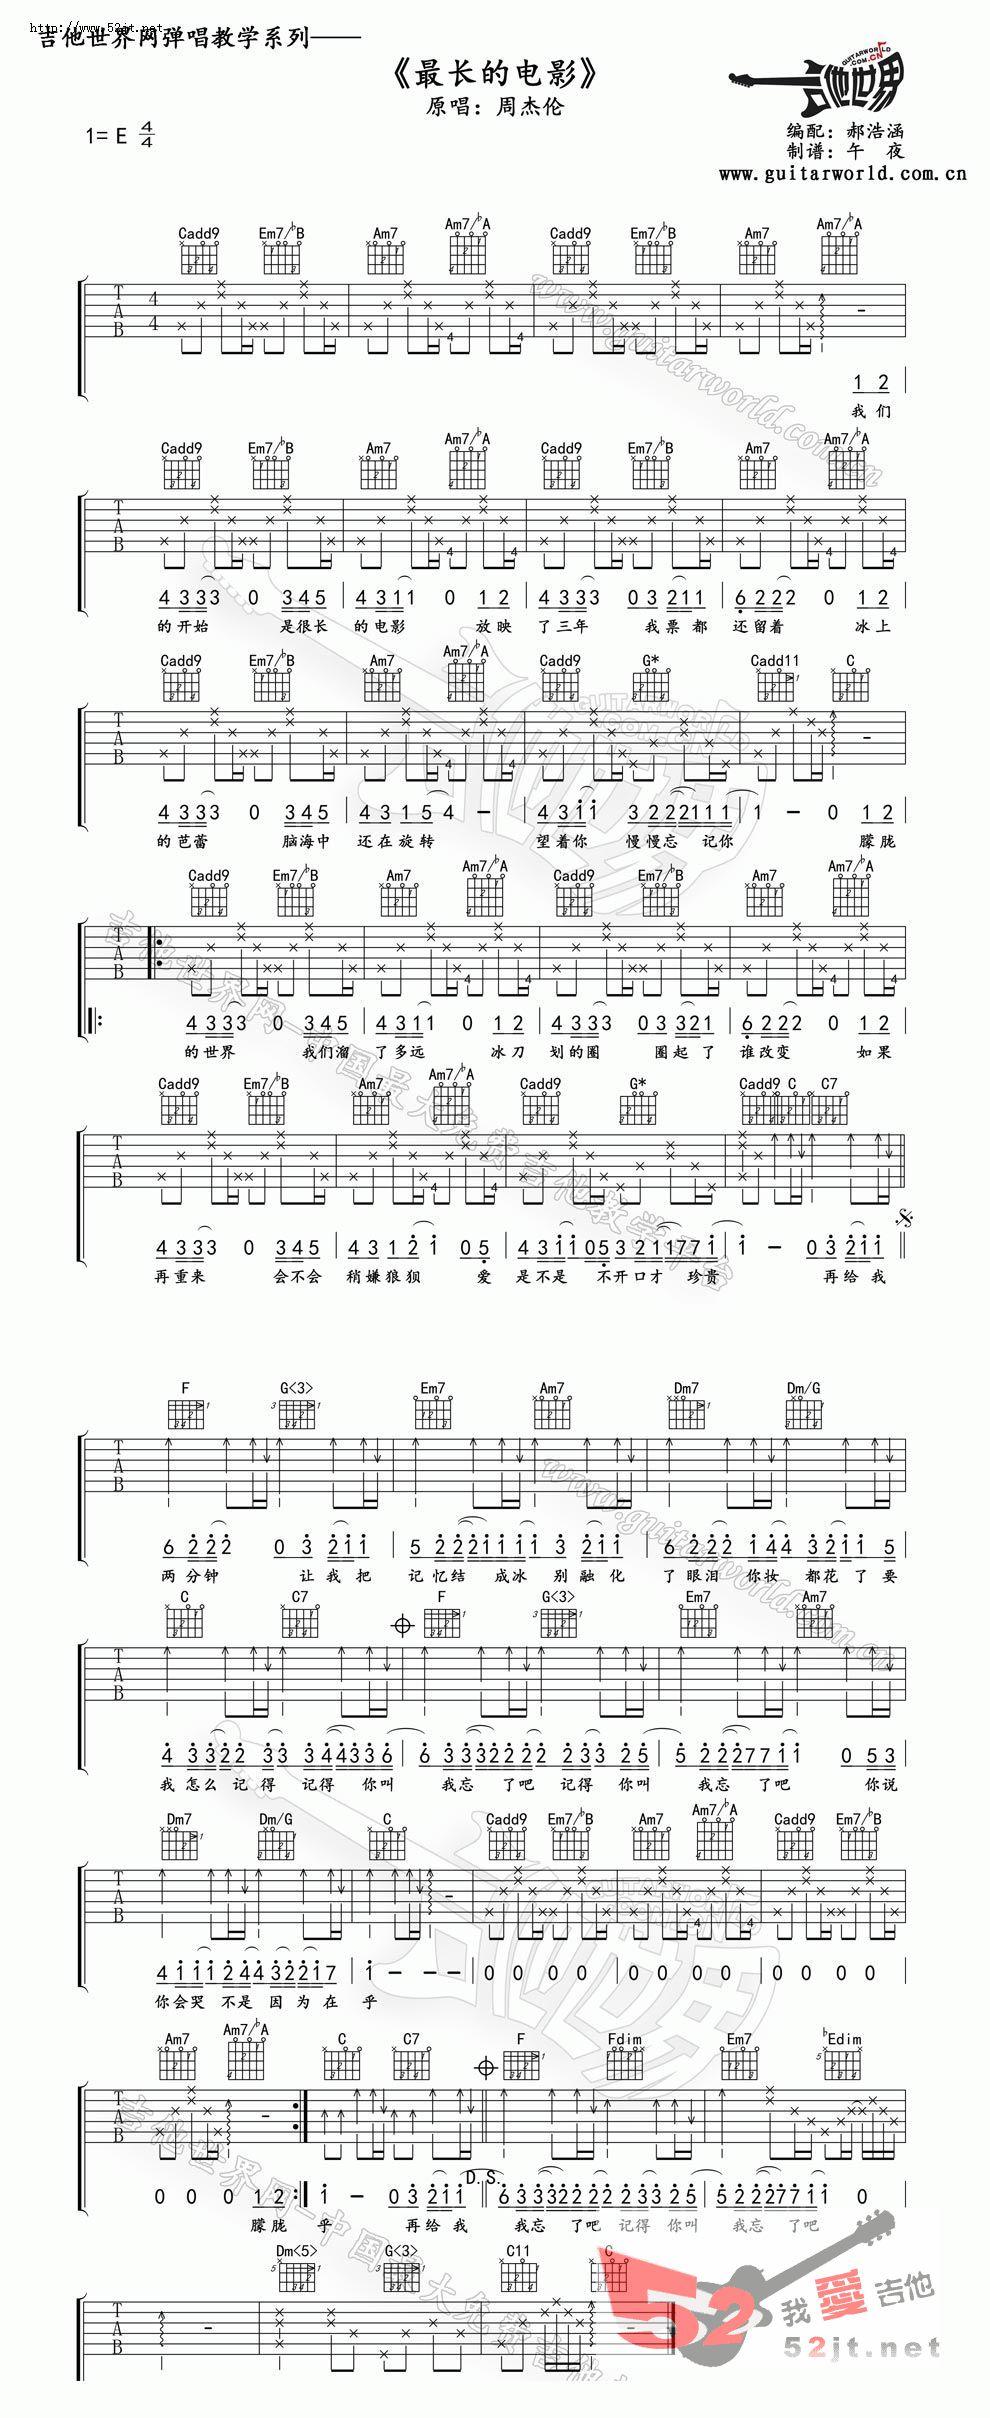 最长的电影 原版吉他谱视频吉他谱 周杰伦 最长的电影图片